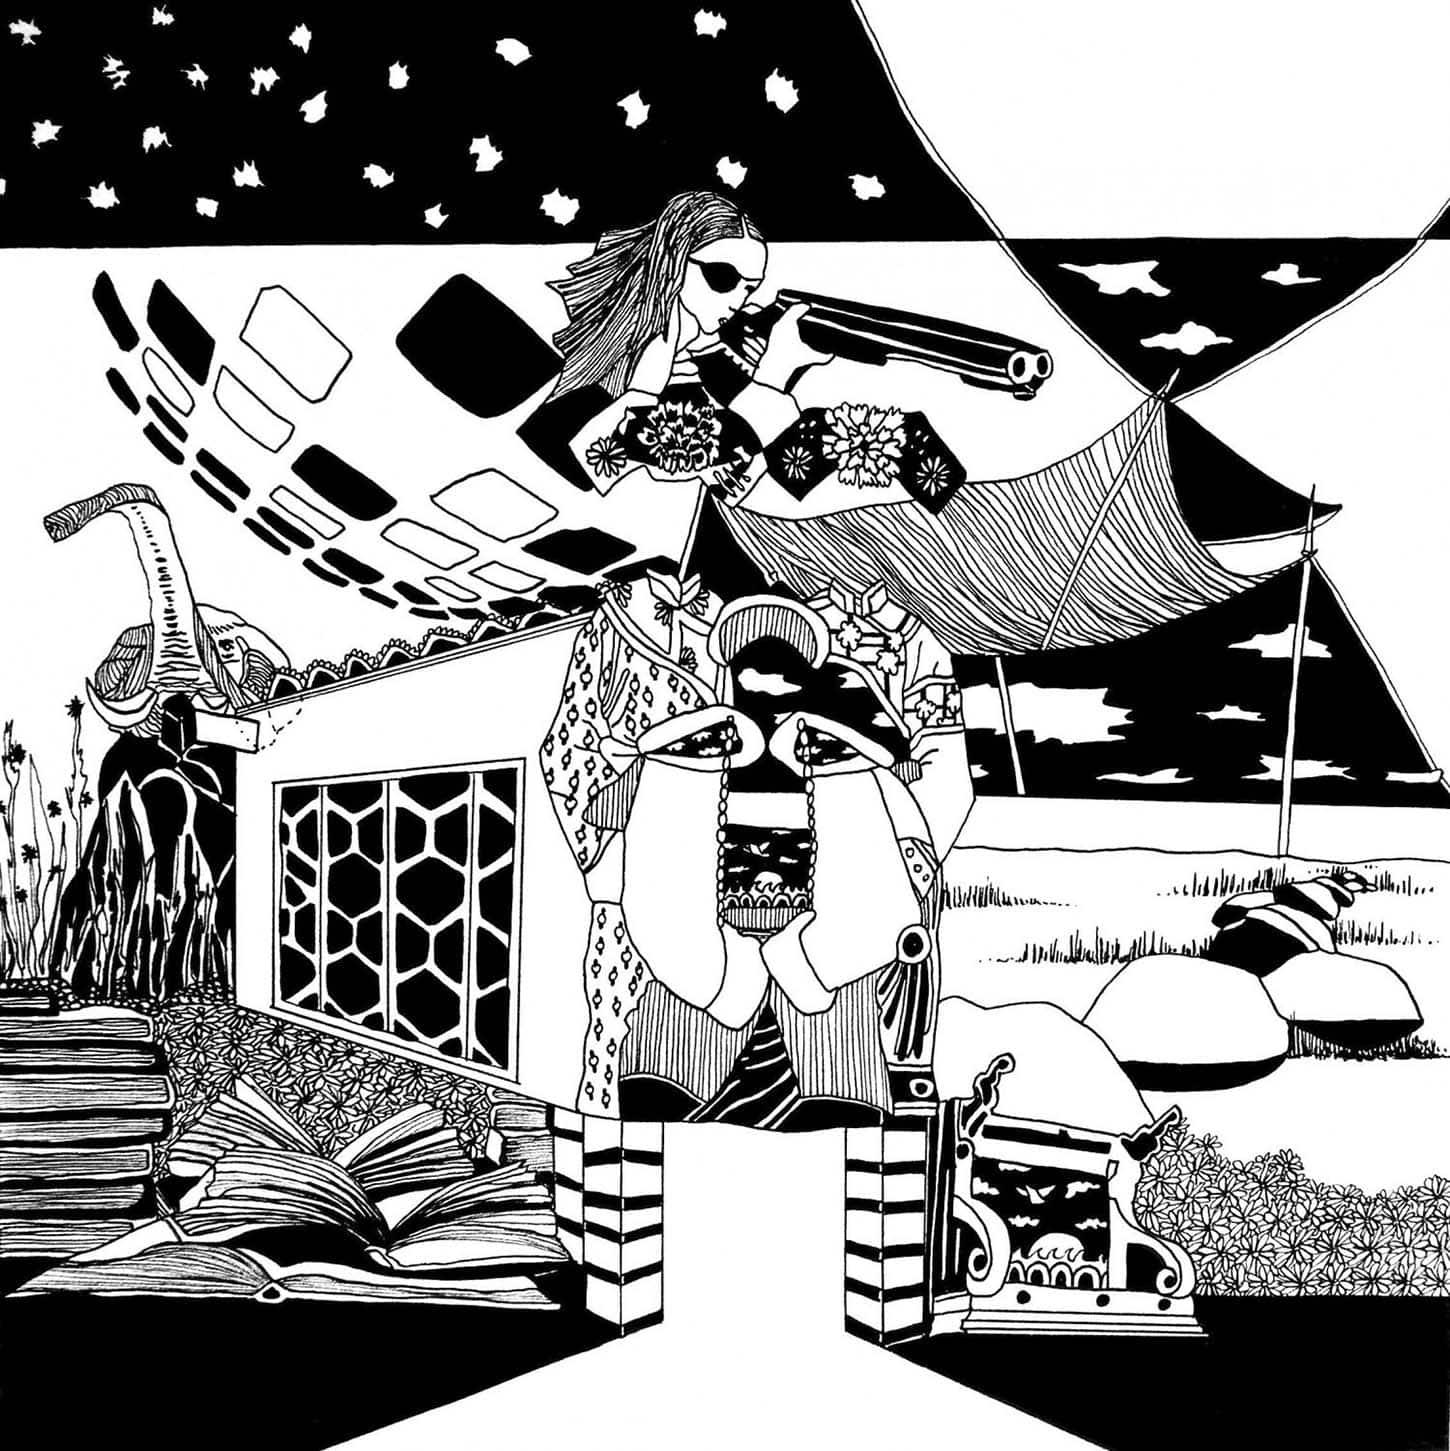 Chourouk Hriech, Water is captive to the well #3, 2009, Encre de Chine sur papier, 25 x 25 cm, pièce unique